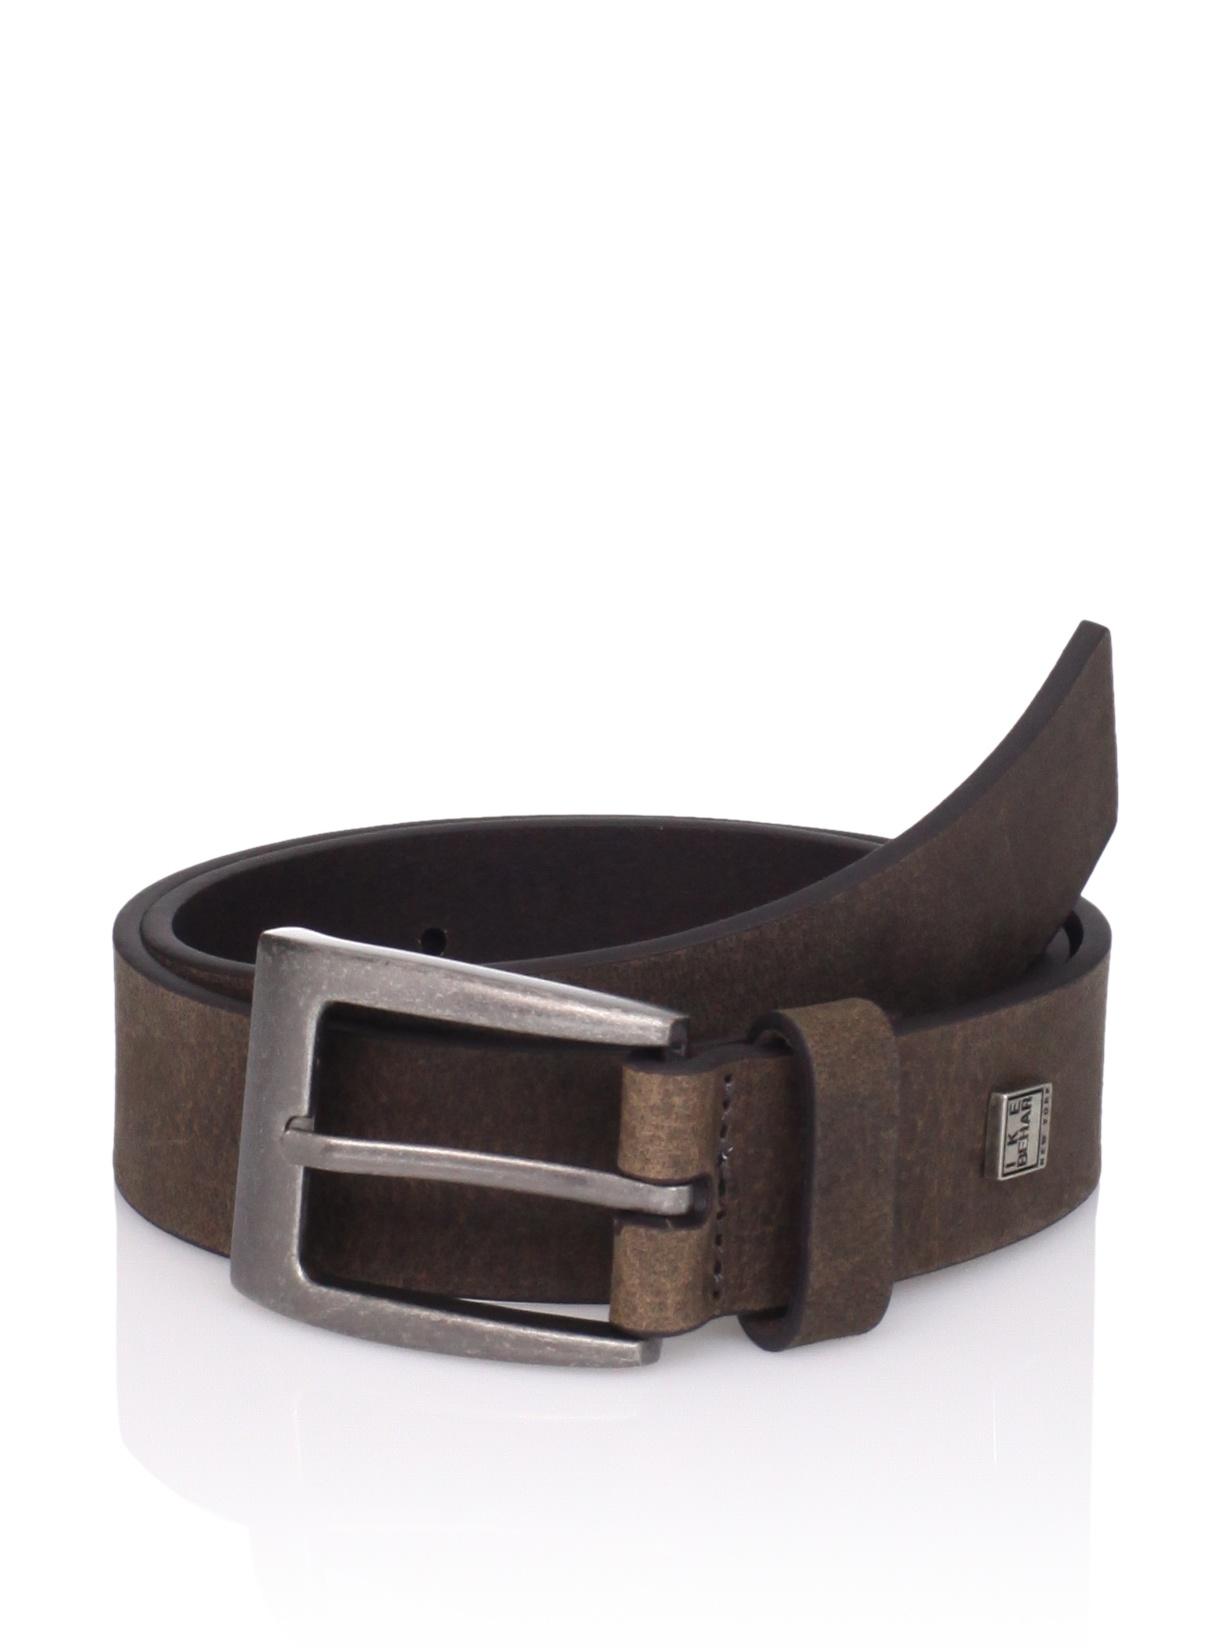 Ike Behar Boy's Casual Leather Belt (Brown)